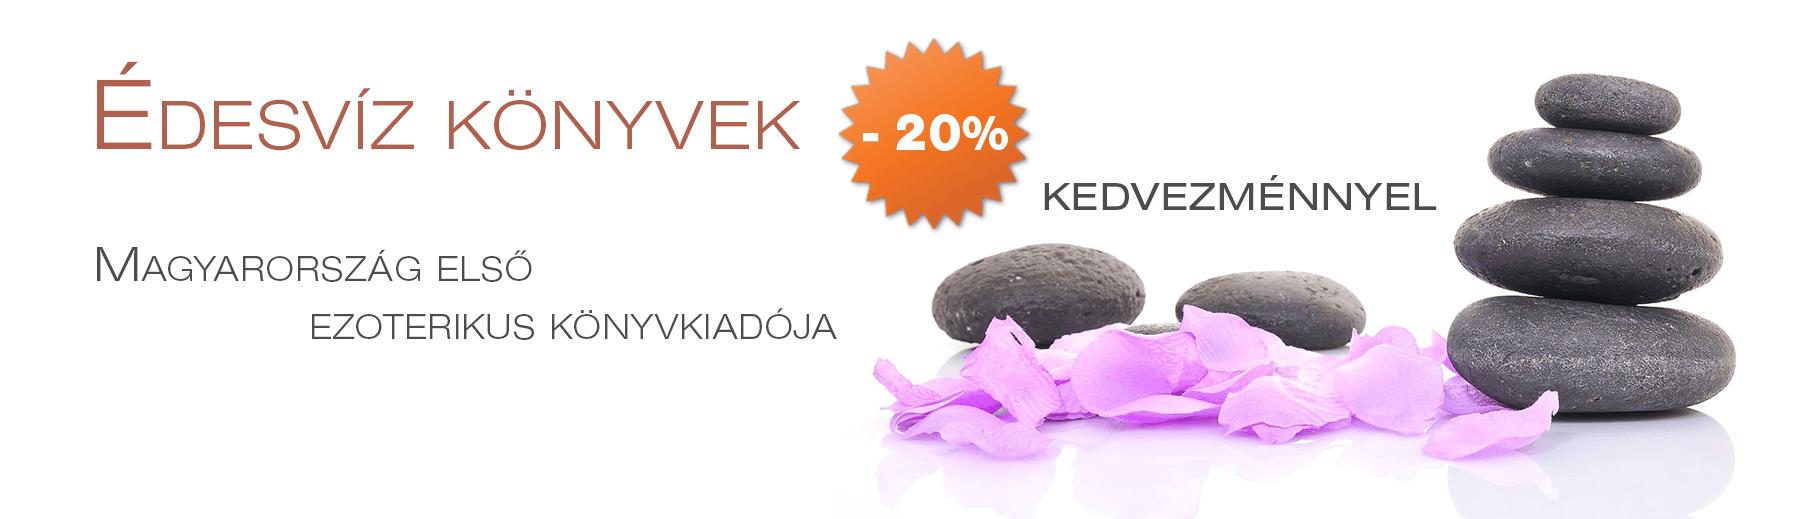 http://admin.konyvaruhaz.info/media/files/edesviz.png